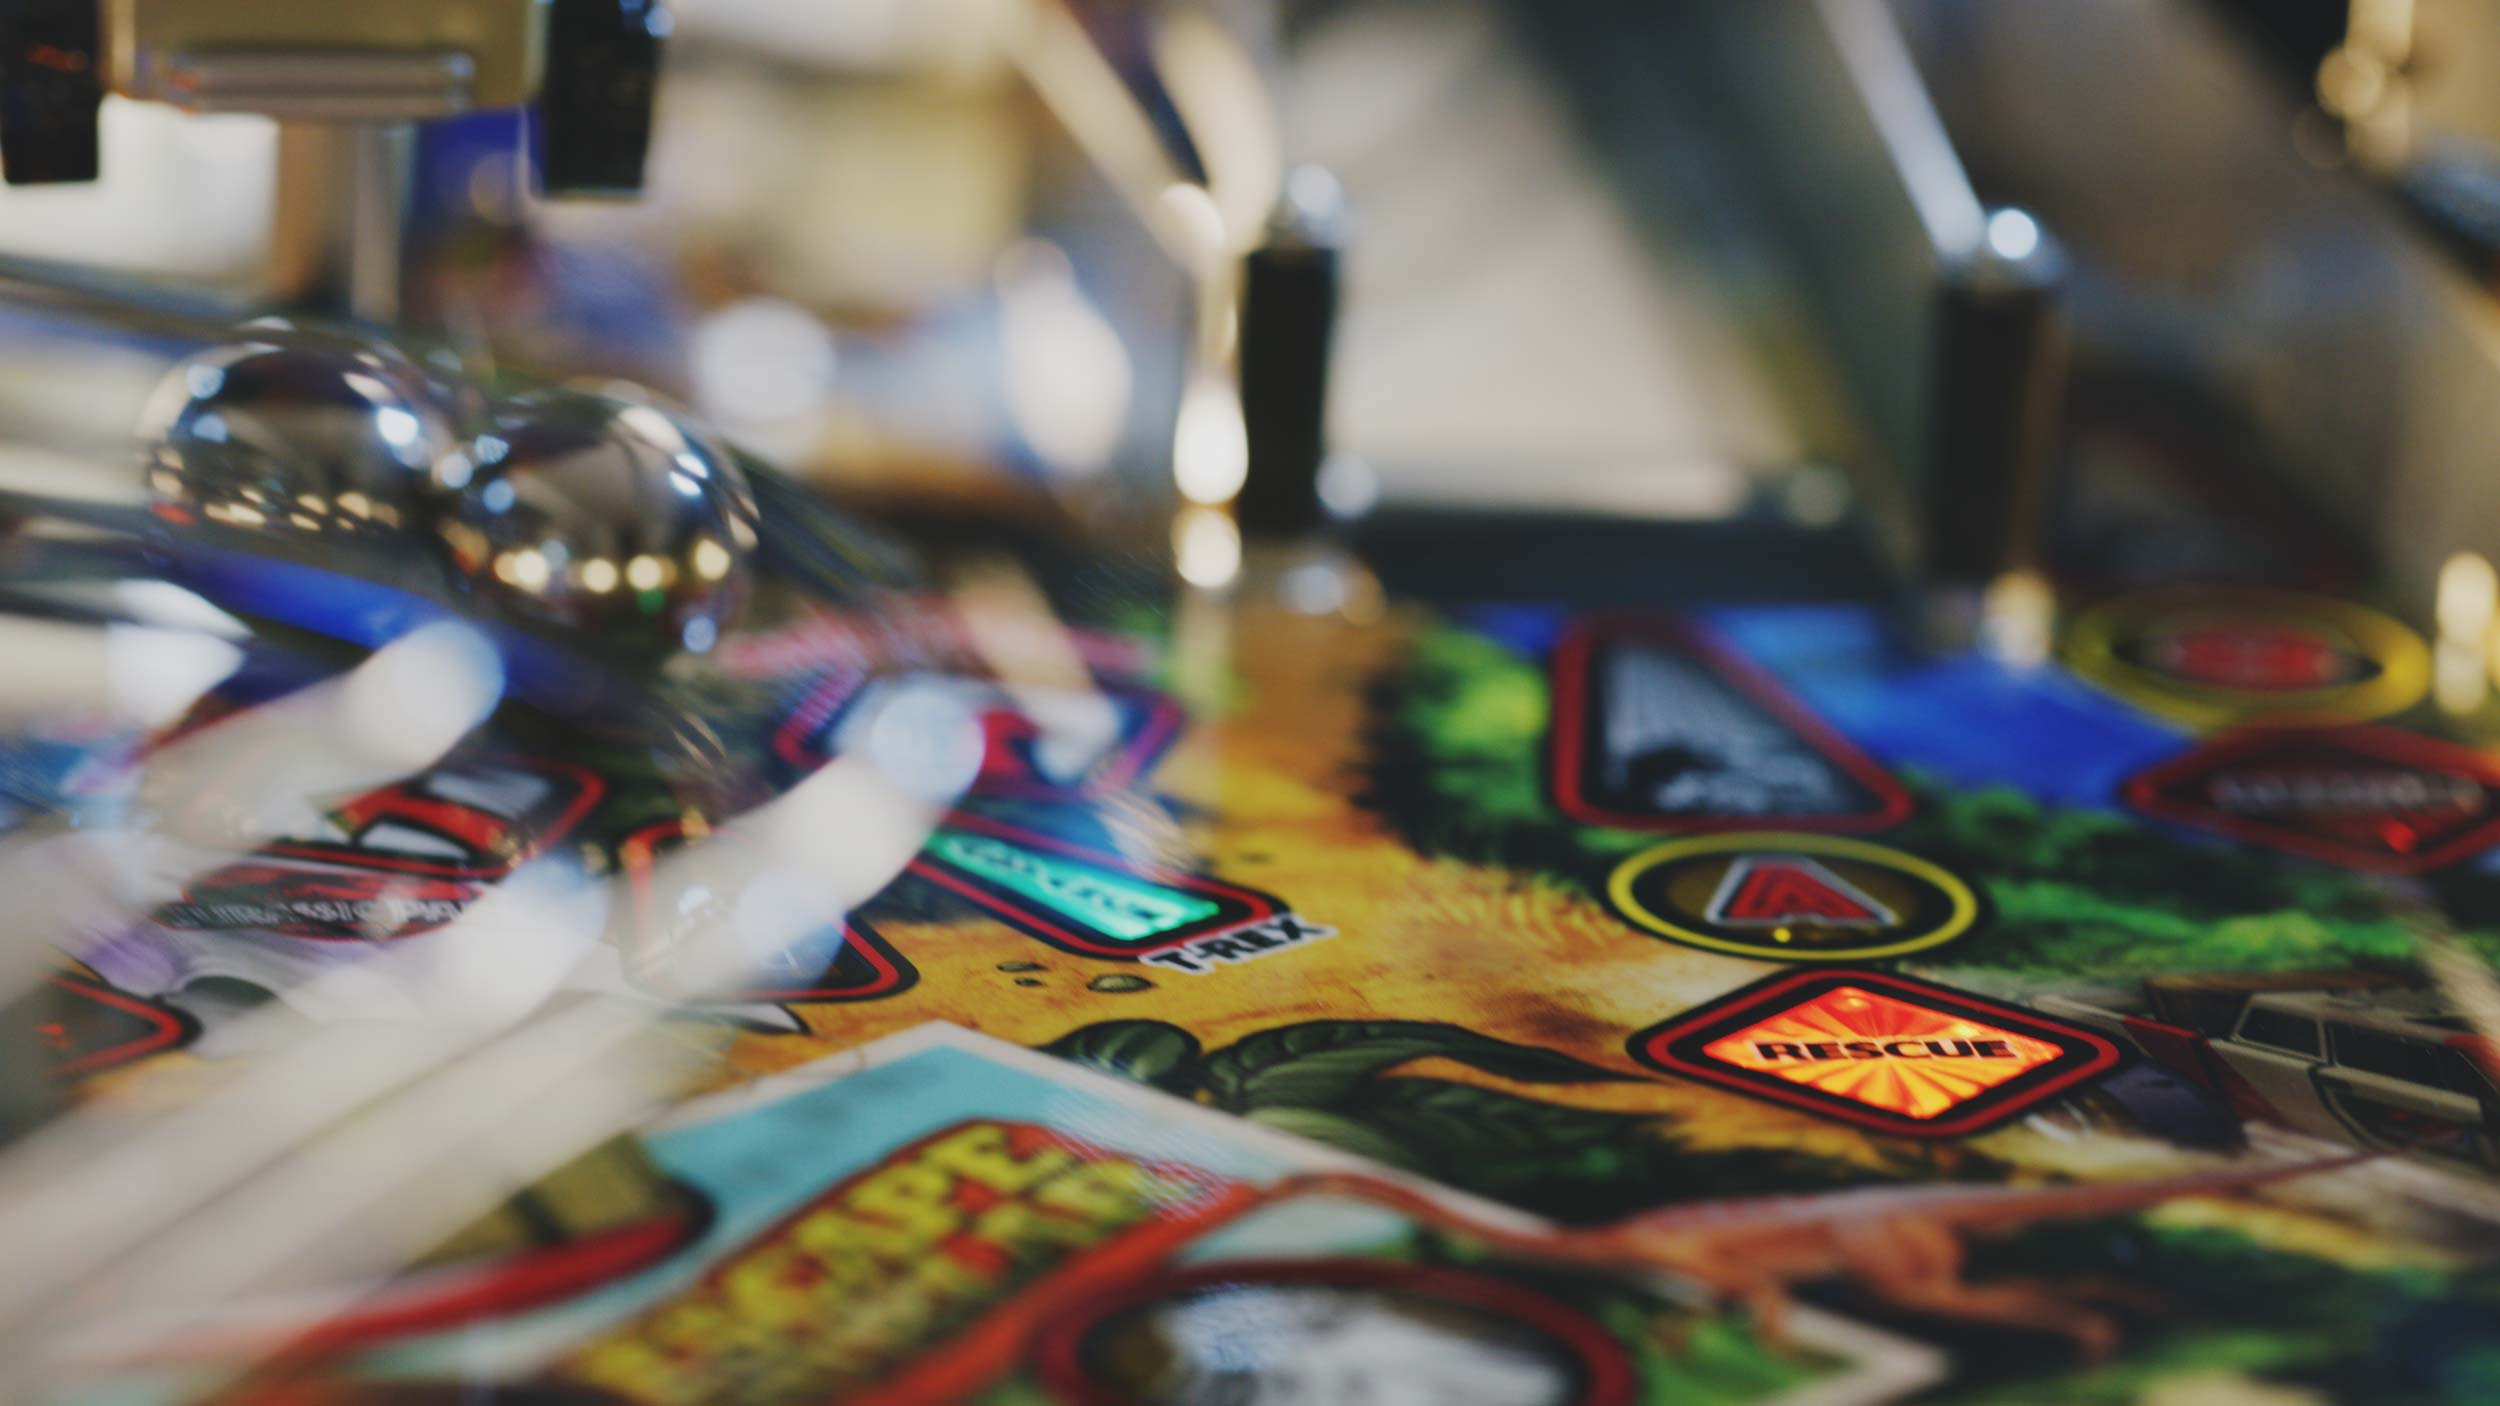 close up shot of pinball machine